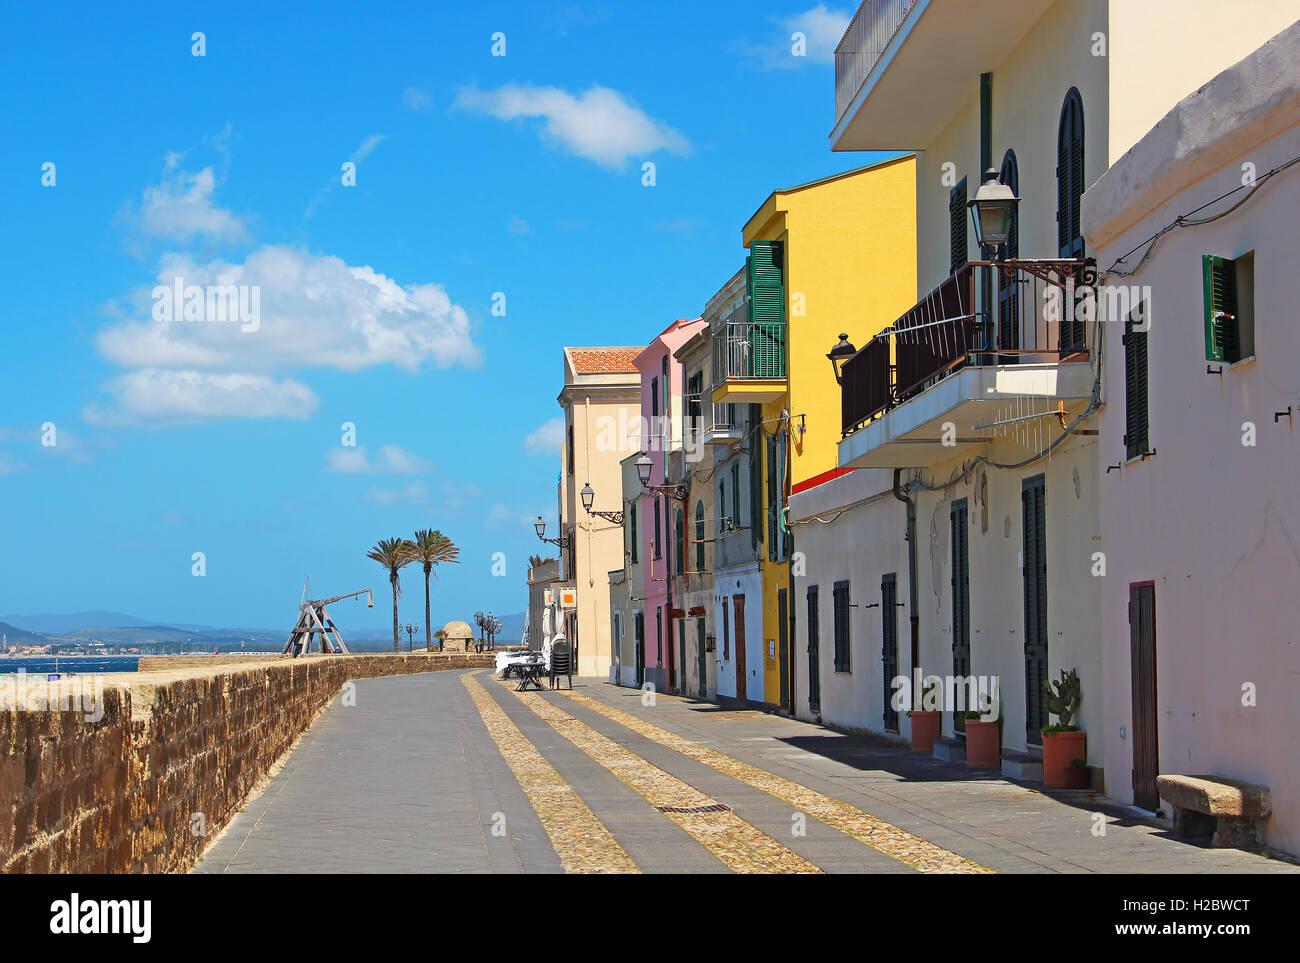 Uferpromenade in der Altstadt von Alghero, Sardinien, Italien Stockbild